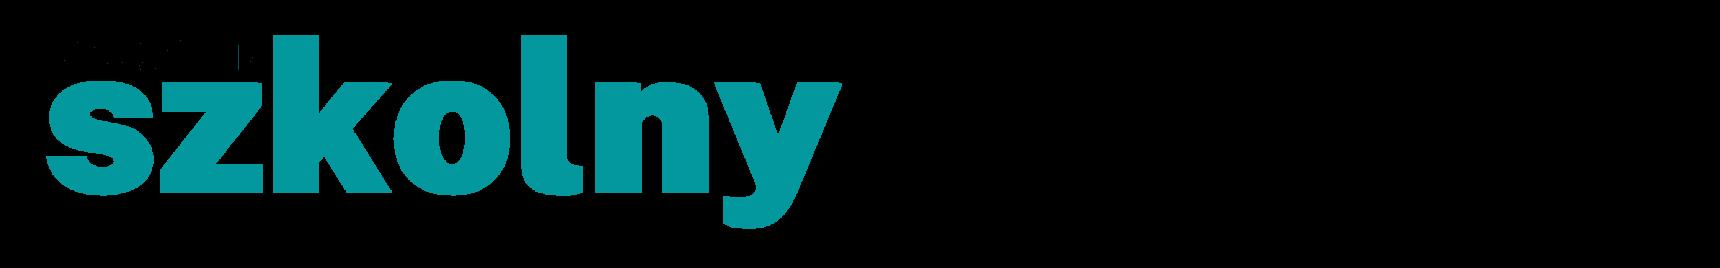 magazyn szkolny logo (1) (2)